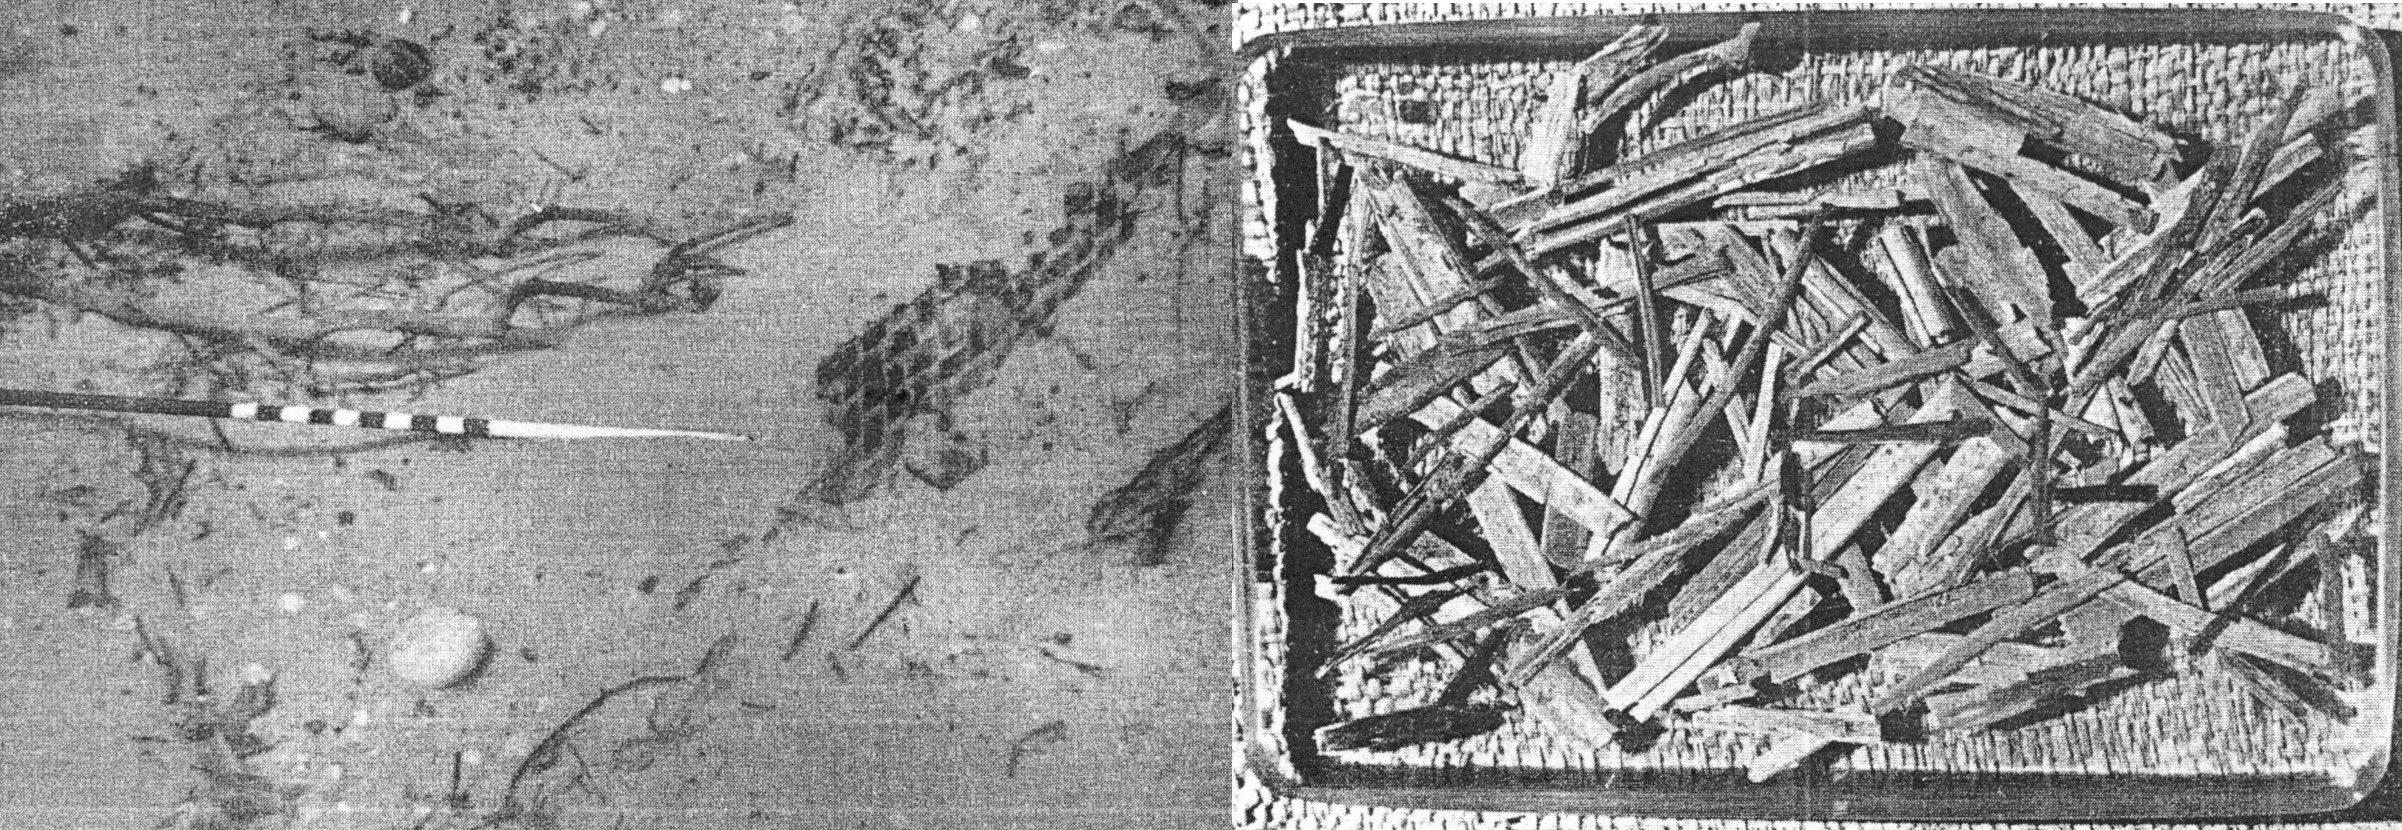 Fusti vegetali affioranti nel fondo marino da una cesta all'altezza della probabile cucina di bordo della nave punica Lilybaeum (sx), raccolti e identificati come resti di canapa (dx) (da Frost et al., 1976, fig. 24b e 26, pp. 63 e 65)